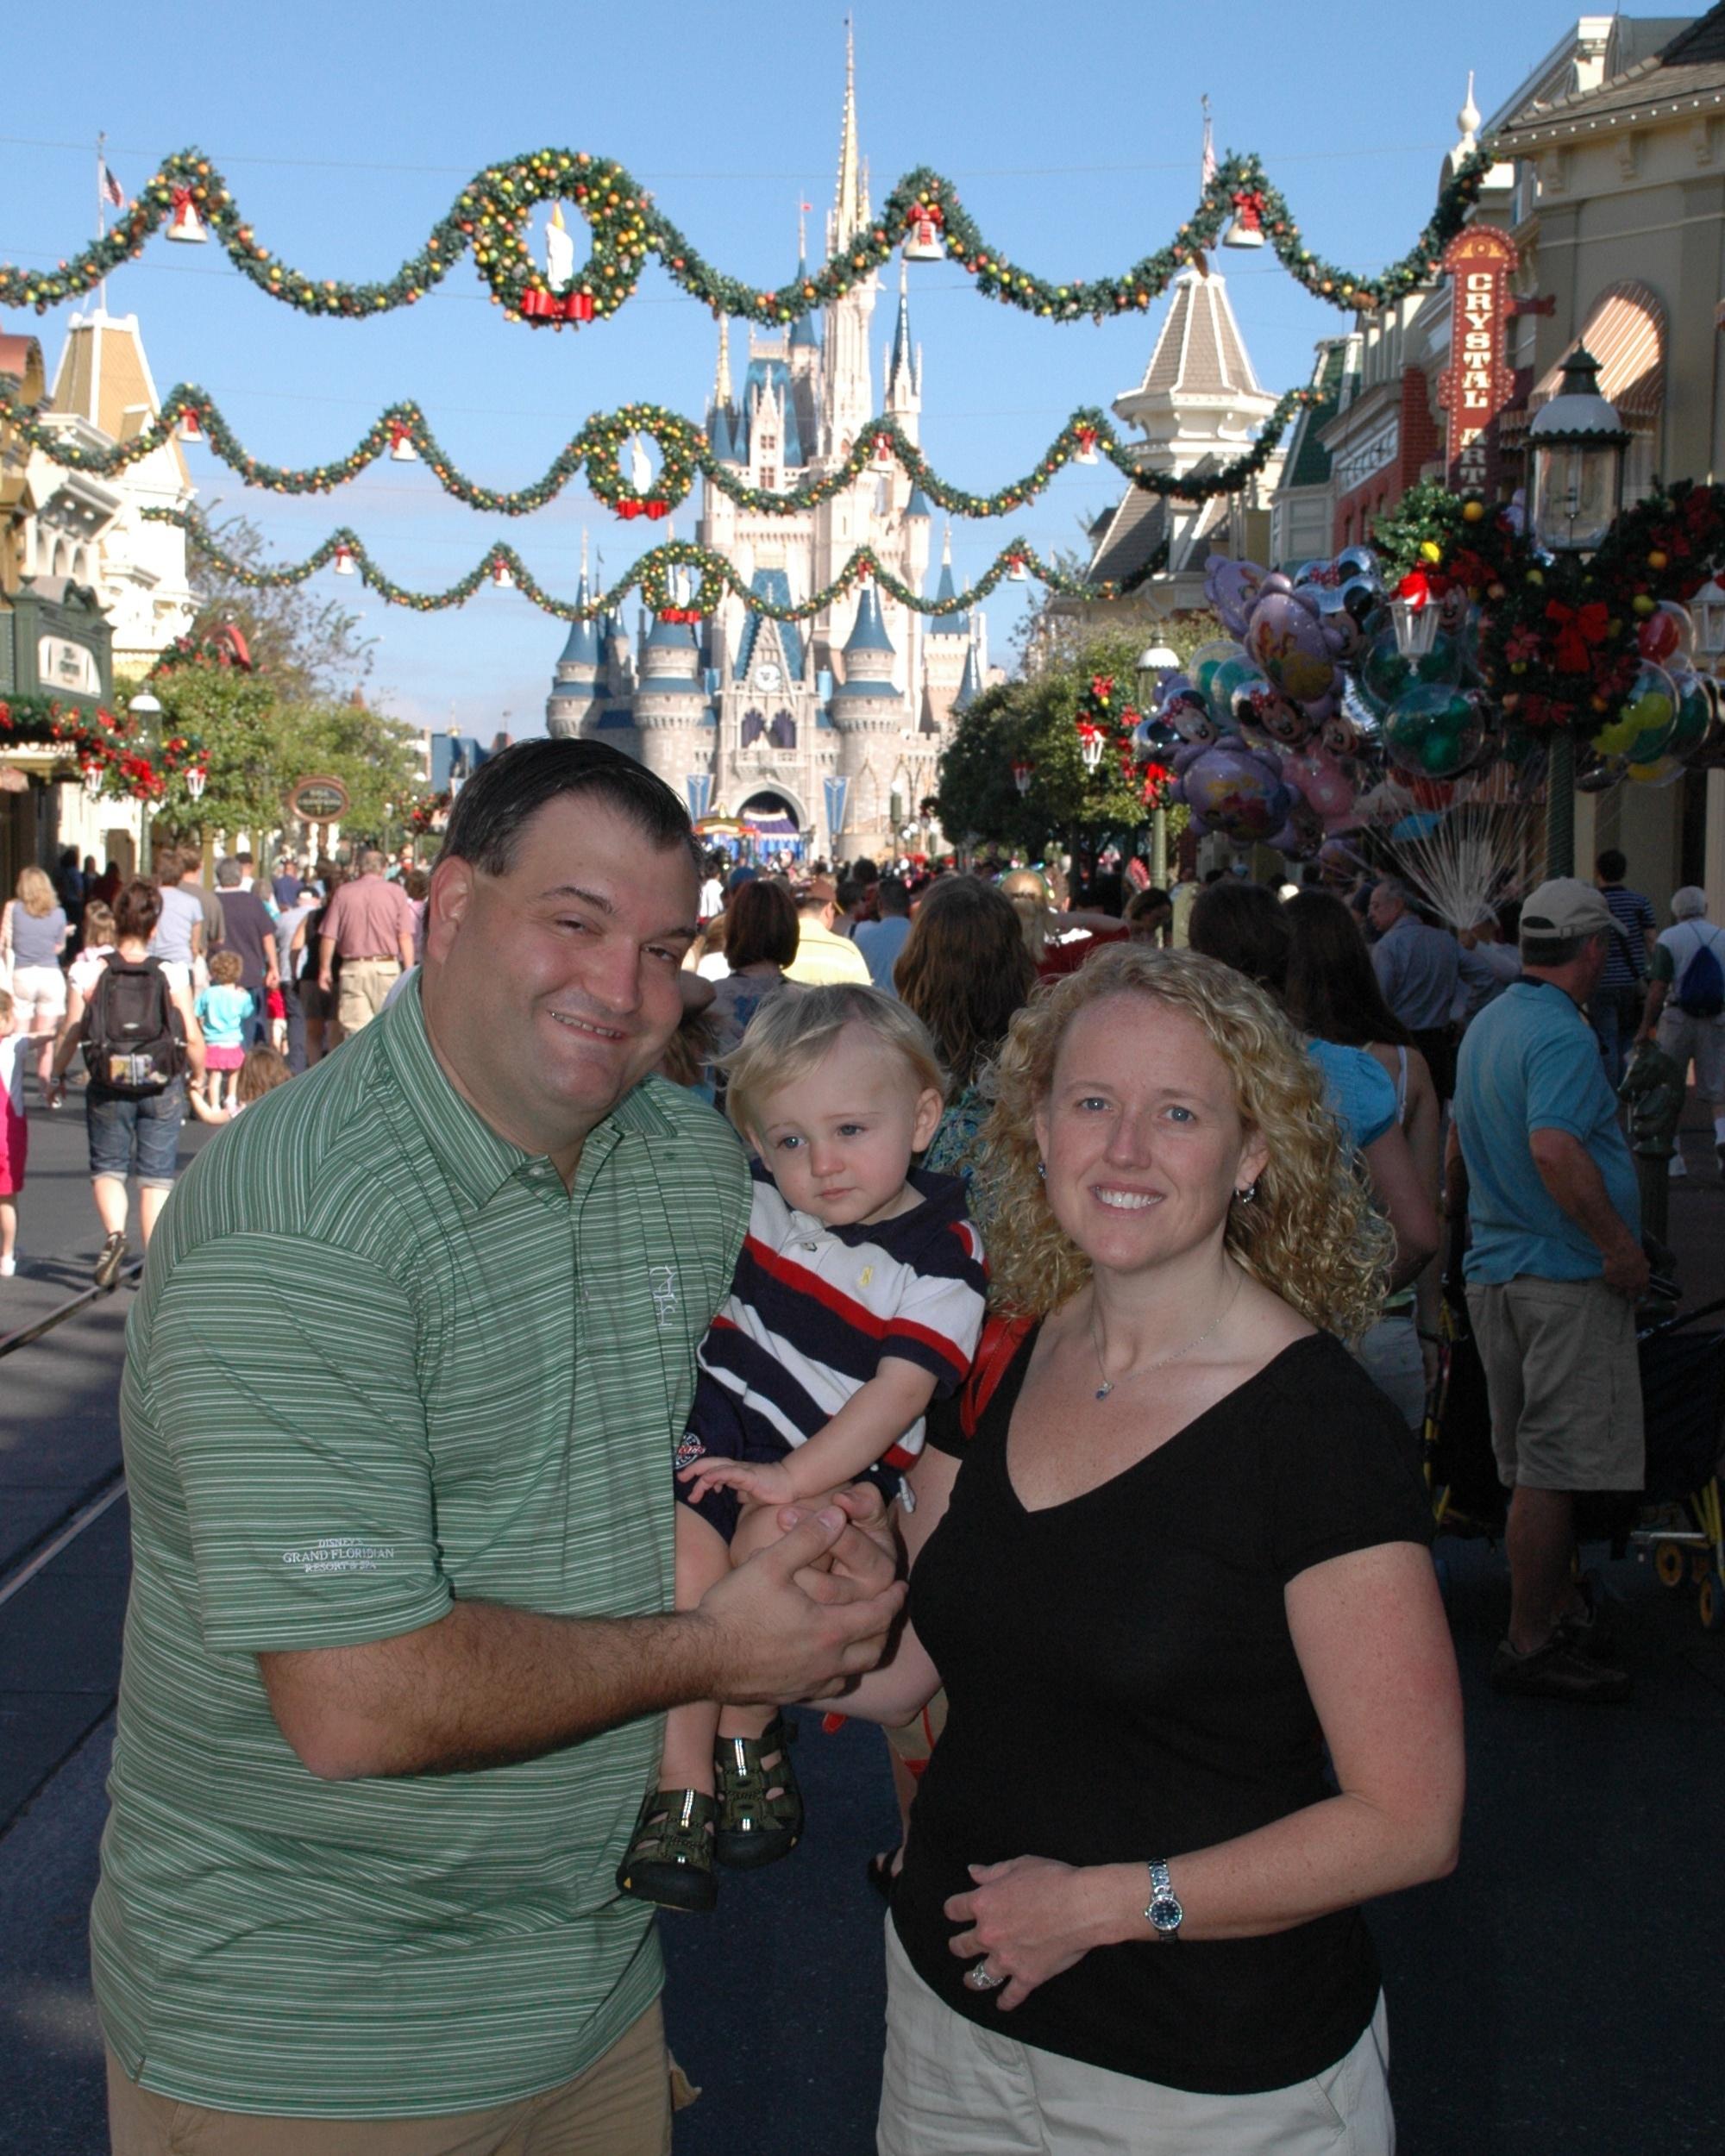 Friendly Vacaciones bebé - Vacaciones para Bebés - Vacaciones para bebés